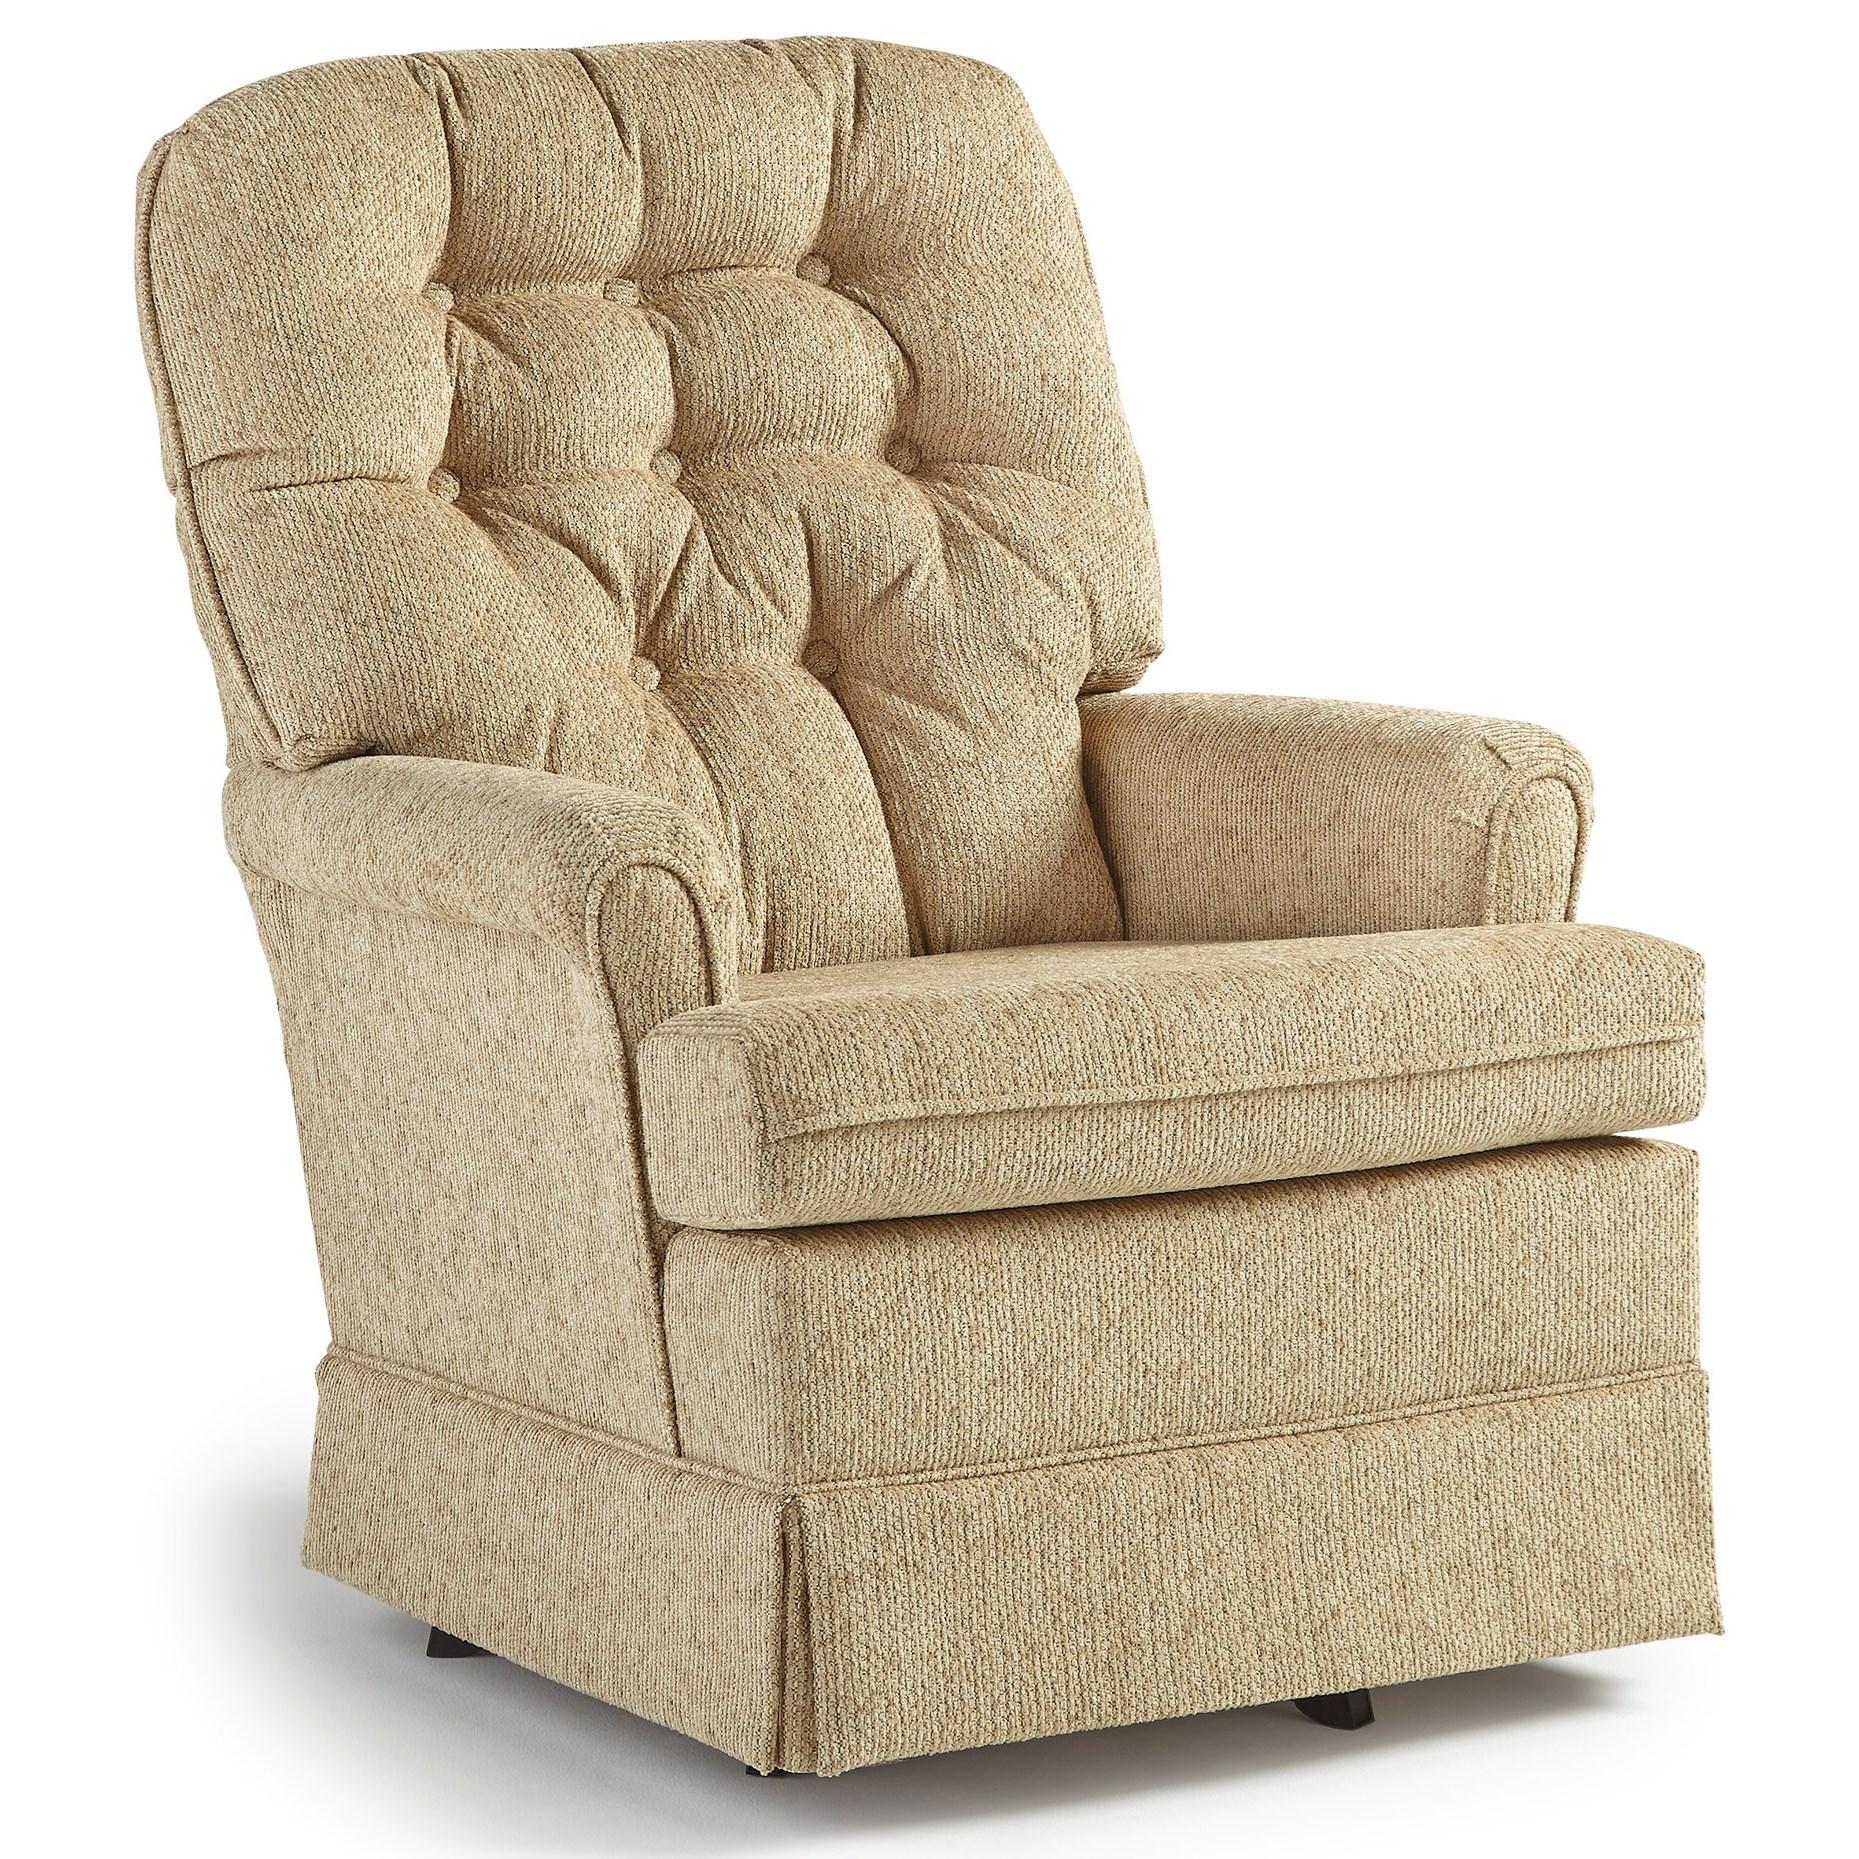 Best Home Furnishings Swivel Glide Chairs Joplin Swivel Rocker Chair